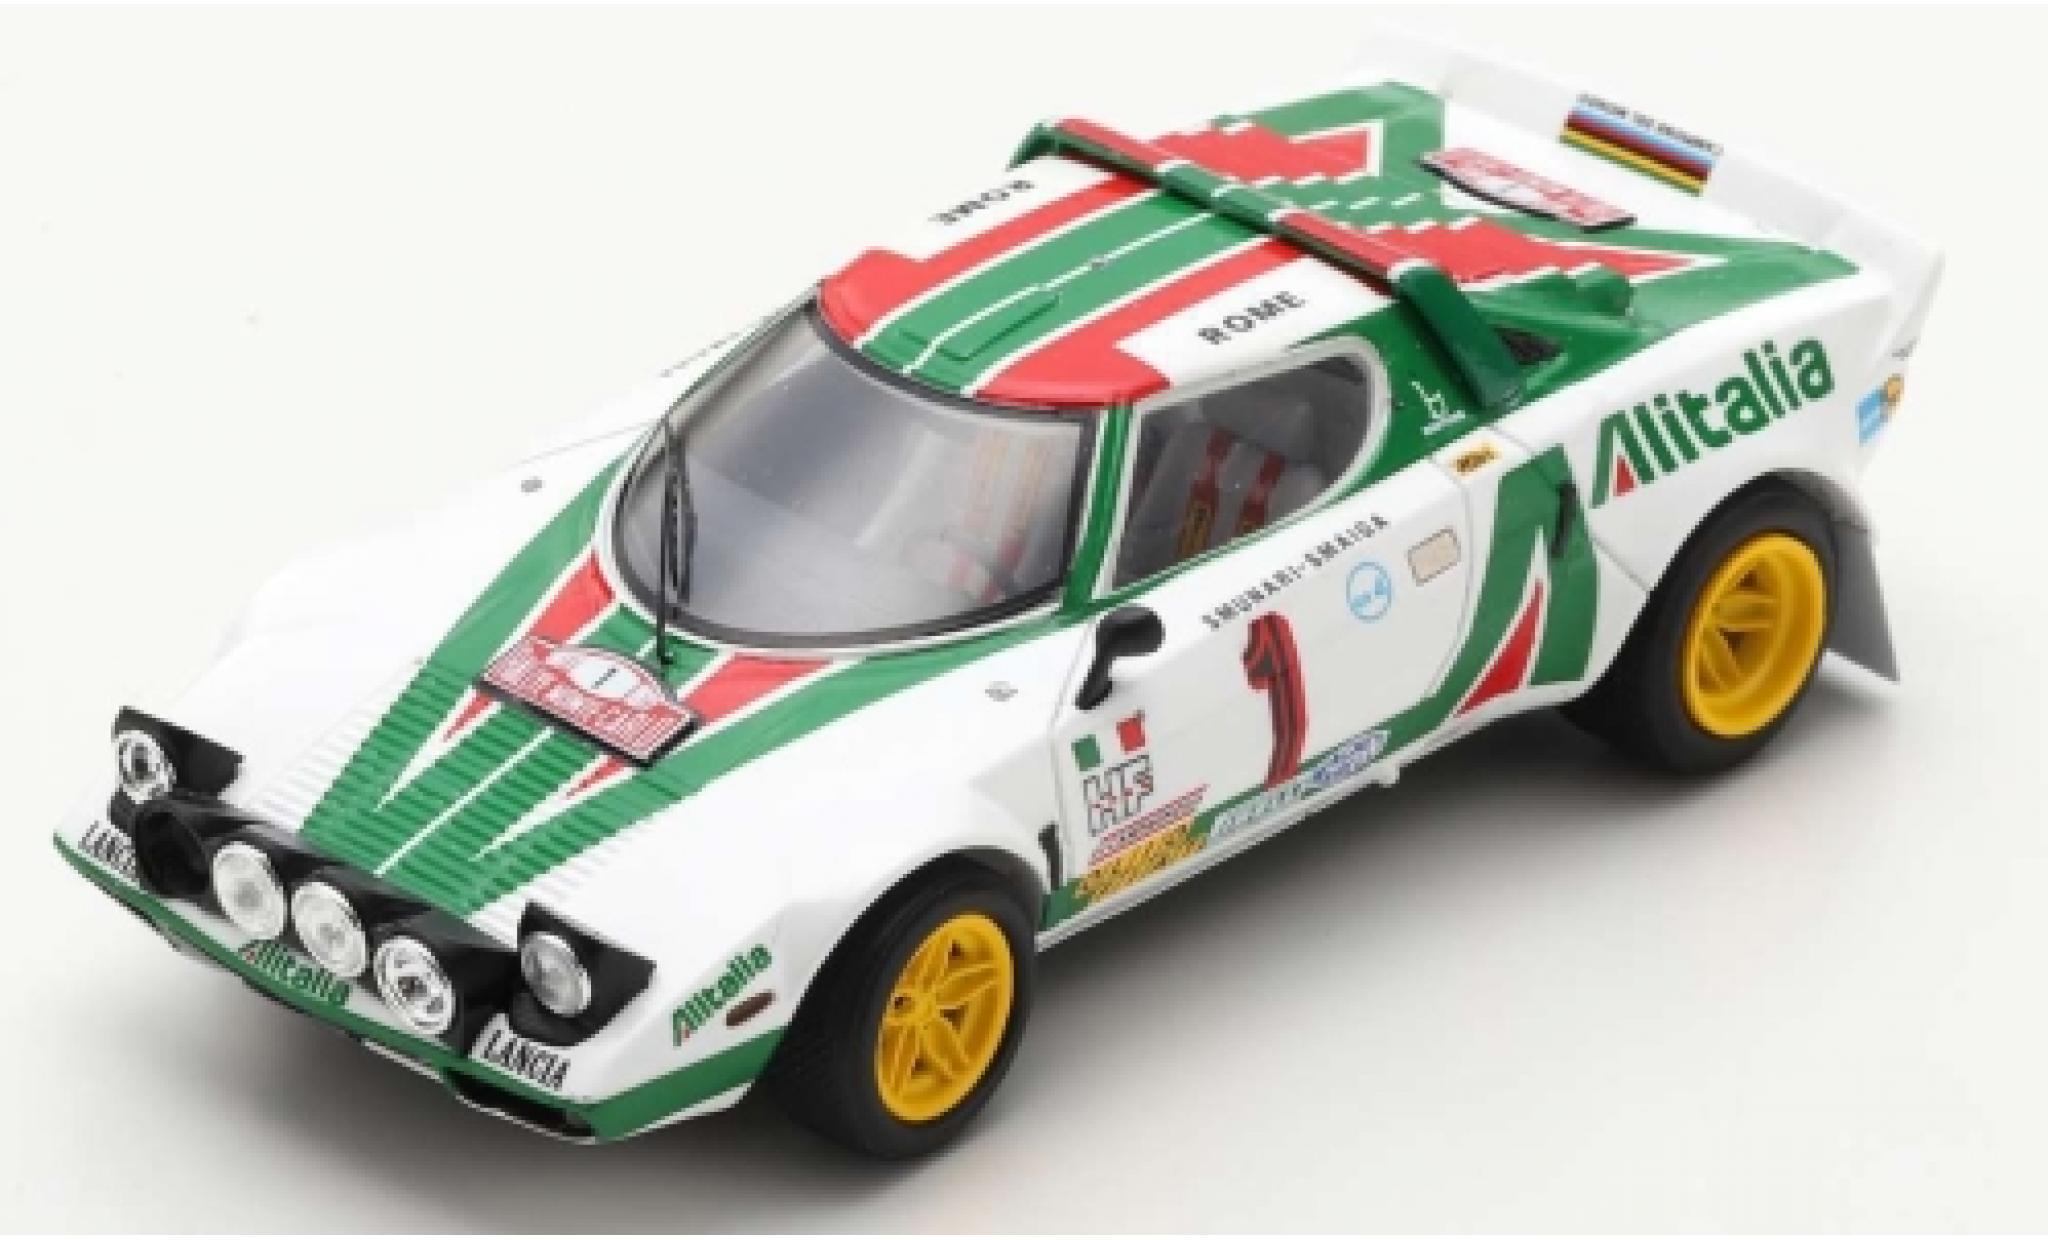 Lancia Stratos 1/43 Spark HF No.1 Alitalia Rallye WM Rallye Monte Carlo 1977 S.Munari/S.Maiga